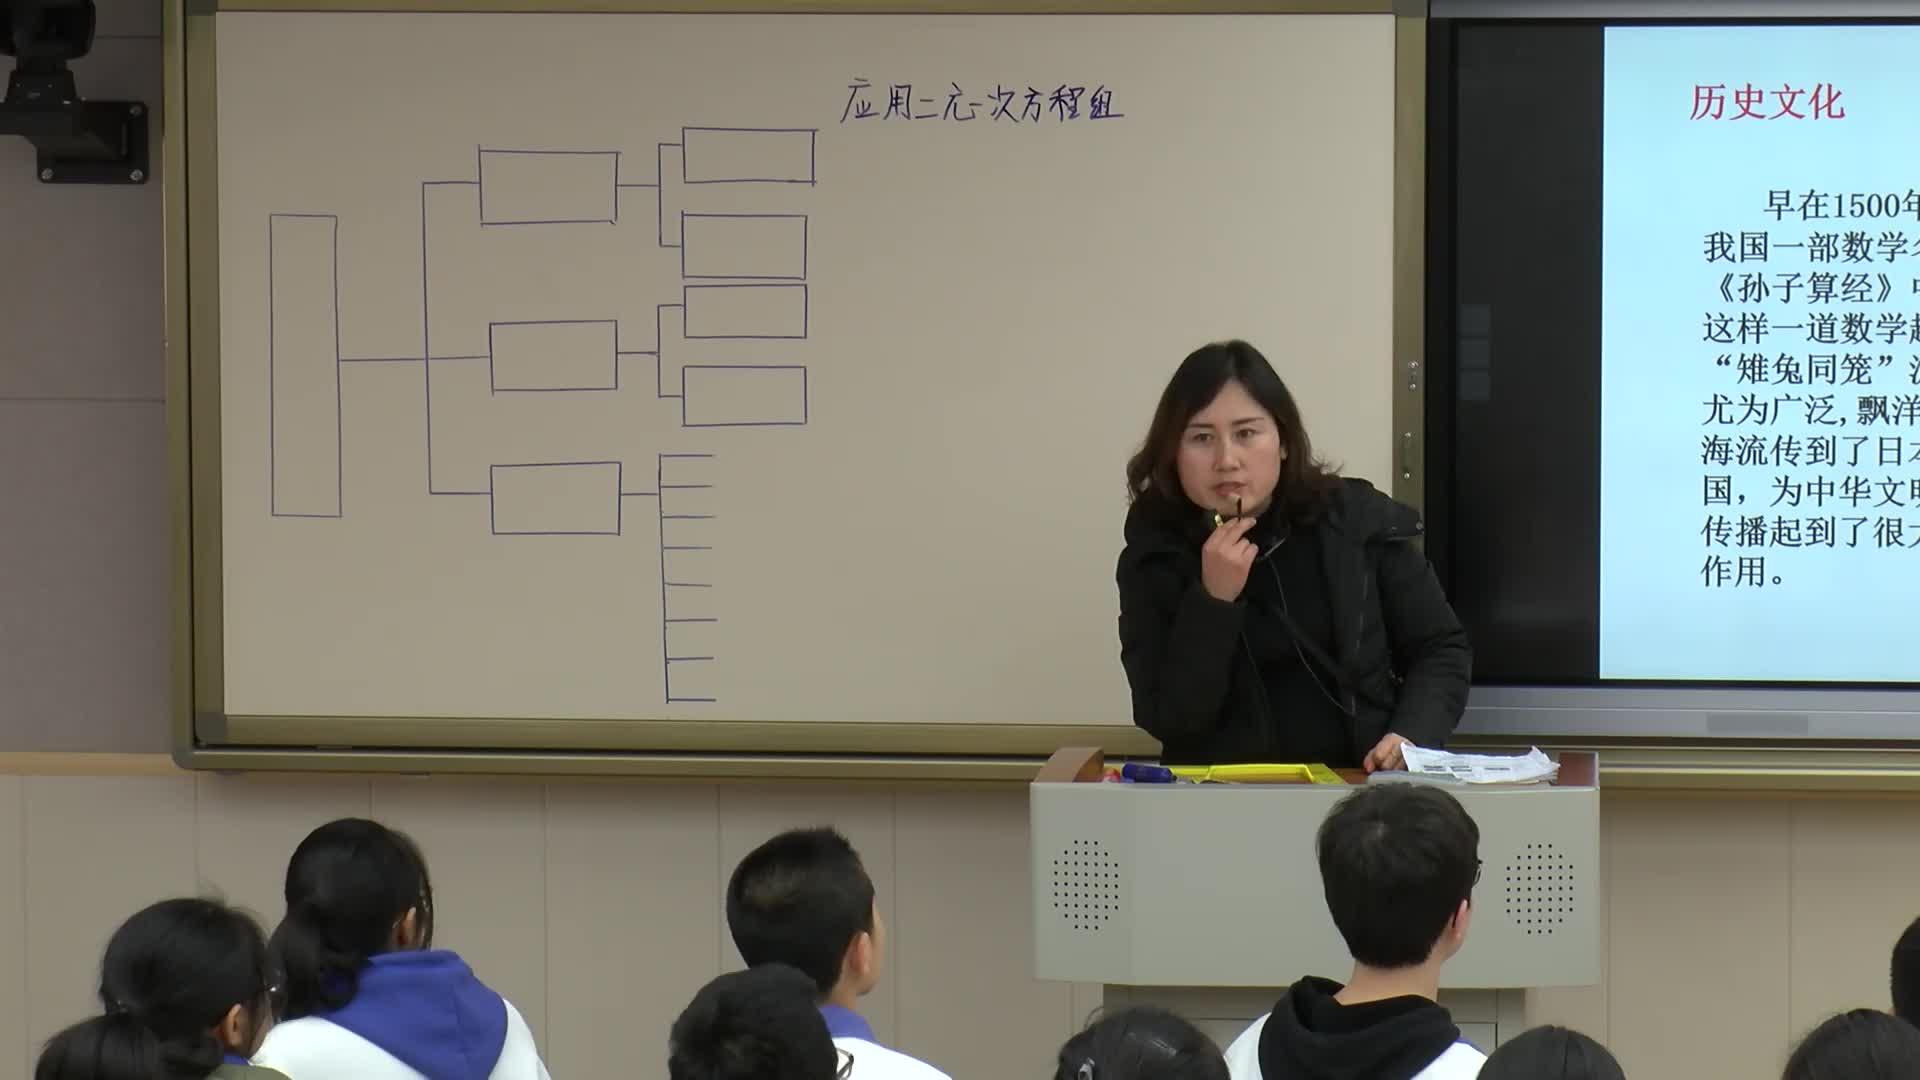 北師大版 八年級數學上冊 5.3 應用二元一次方程組-雞兔同籠-視頻公開課